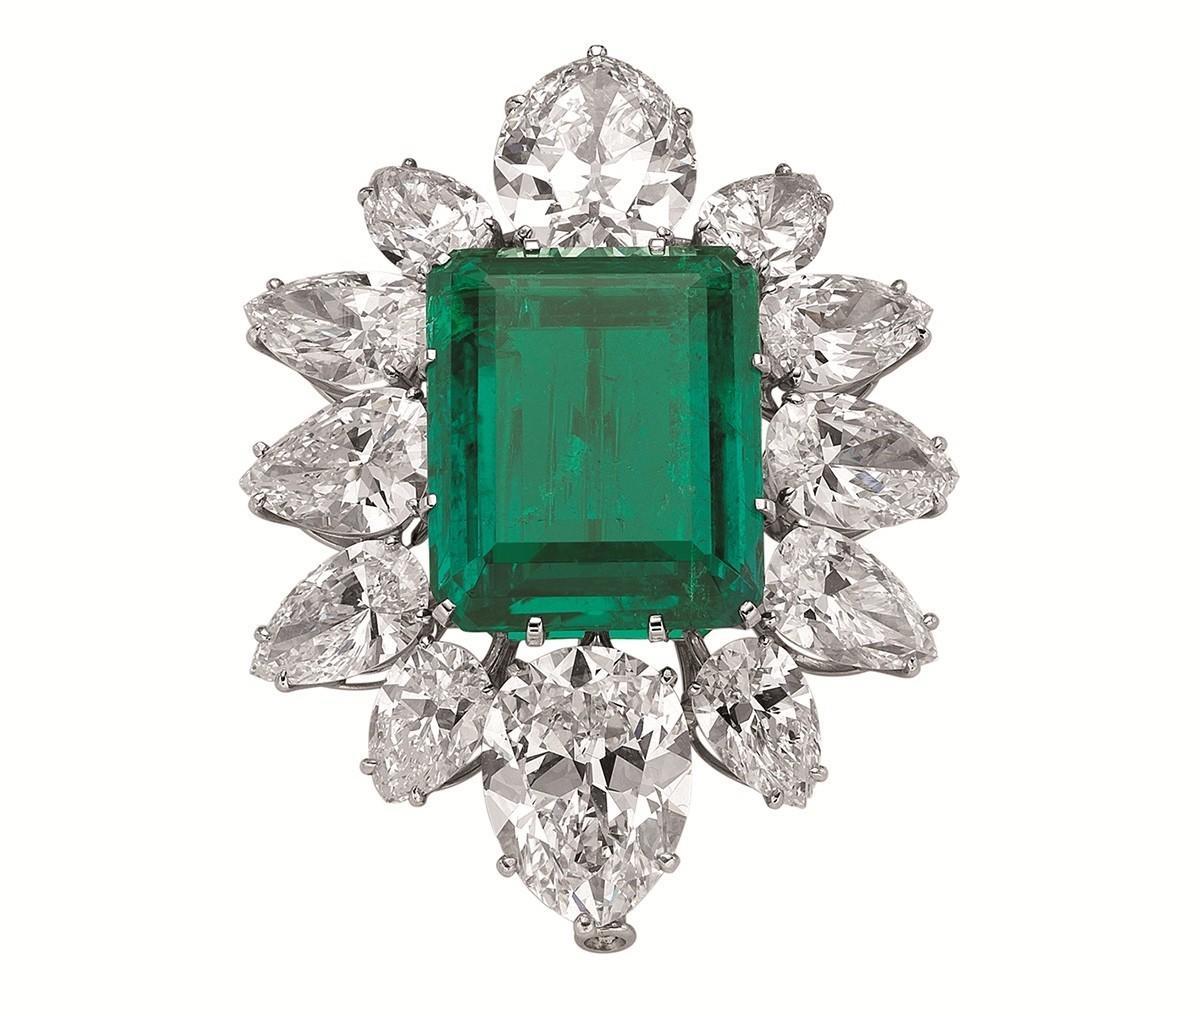 伯顿送给泰勒的宝格丽祖母绿钻石胸针